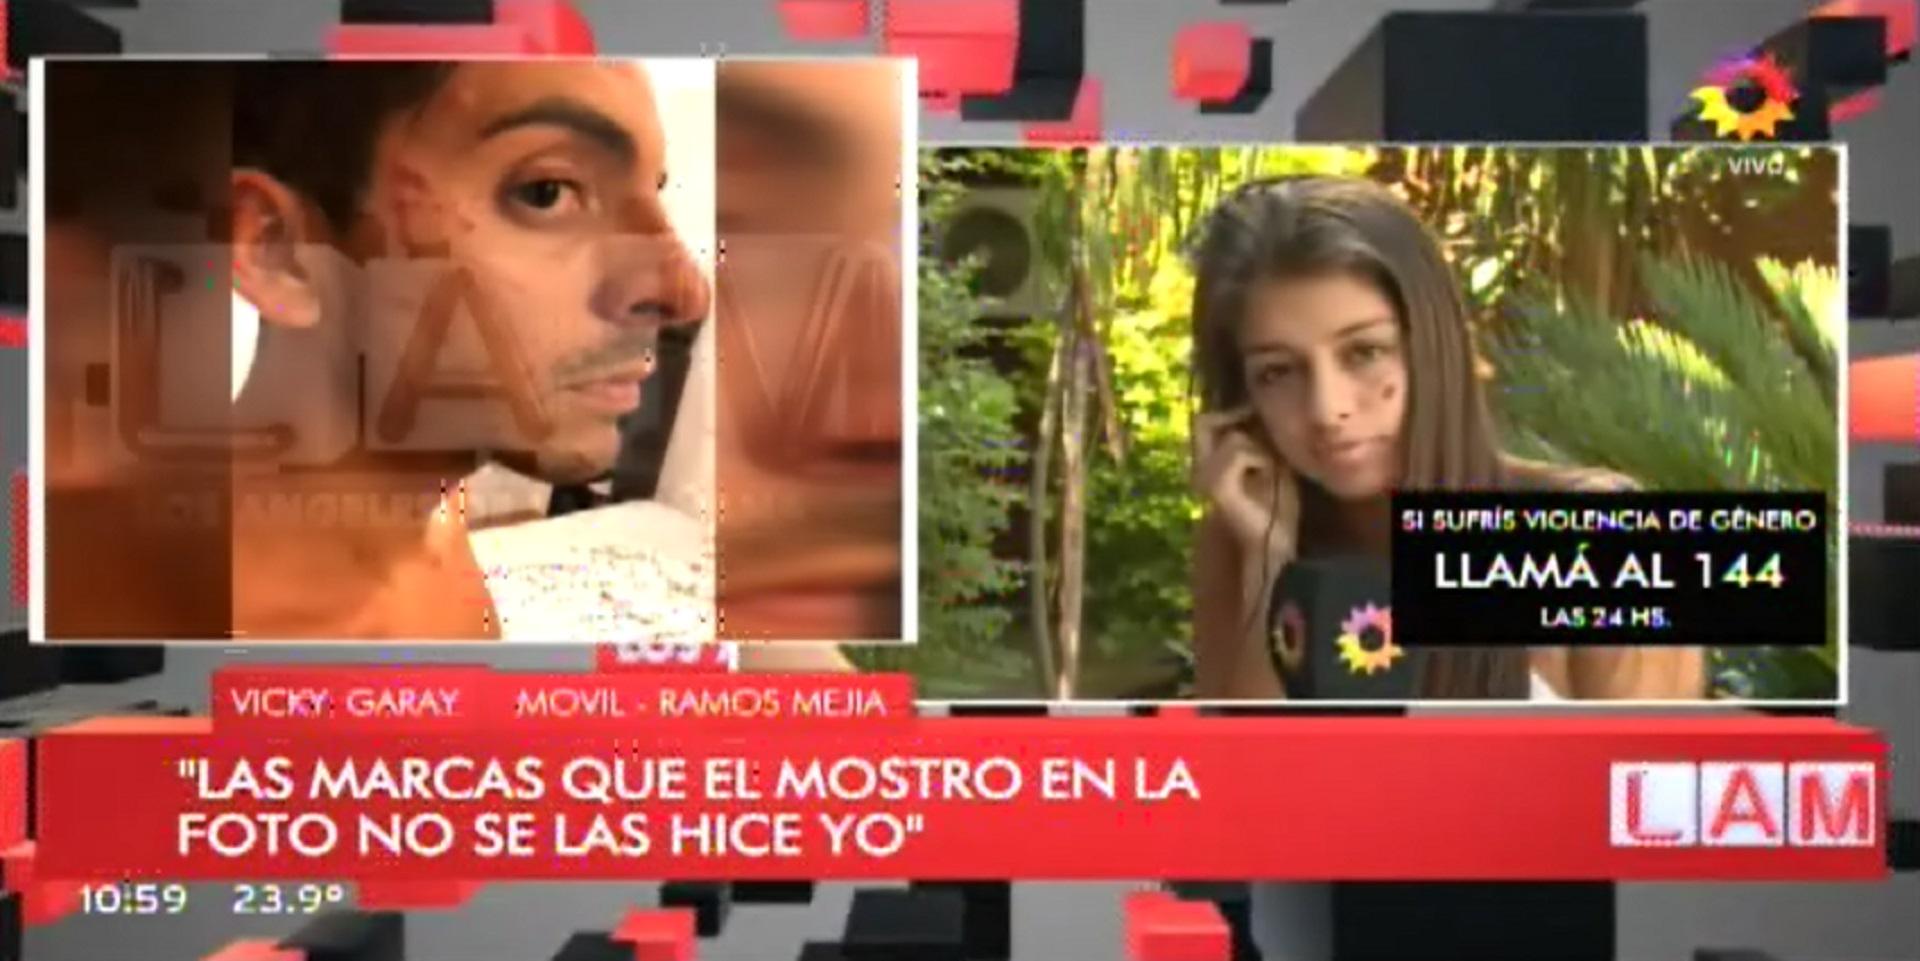 Tras la separación, Guillermo Ardohain denunció a Victoria Garay y mostró su cara lastimada